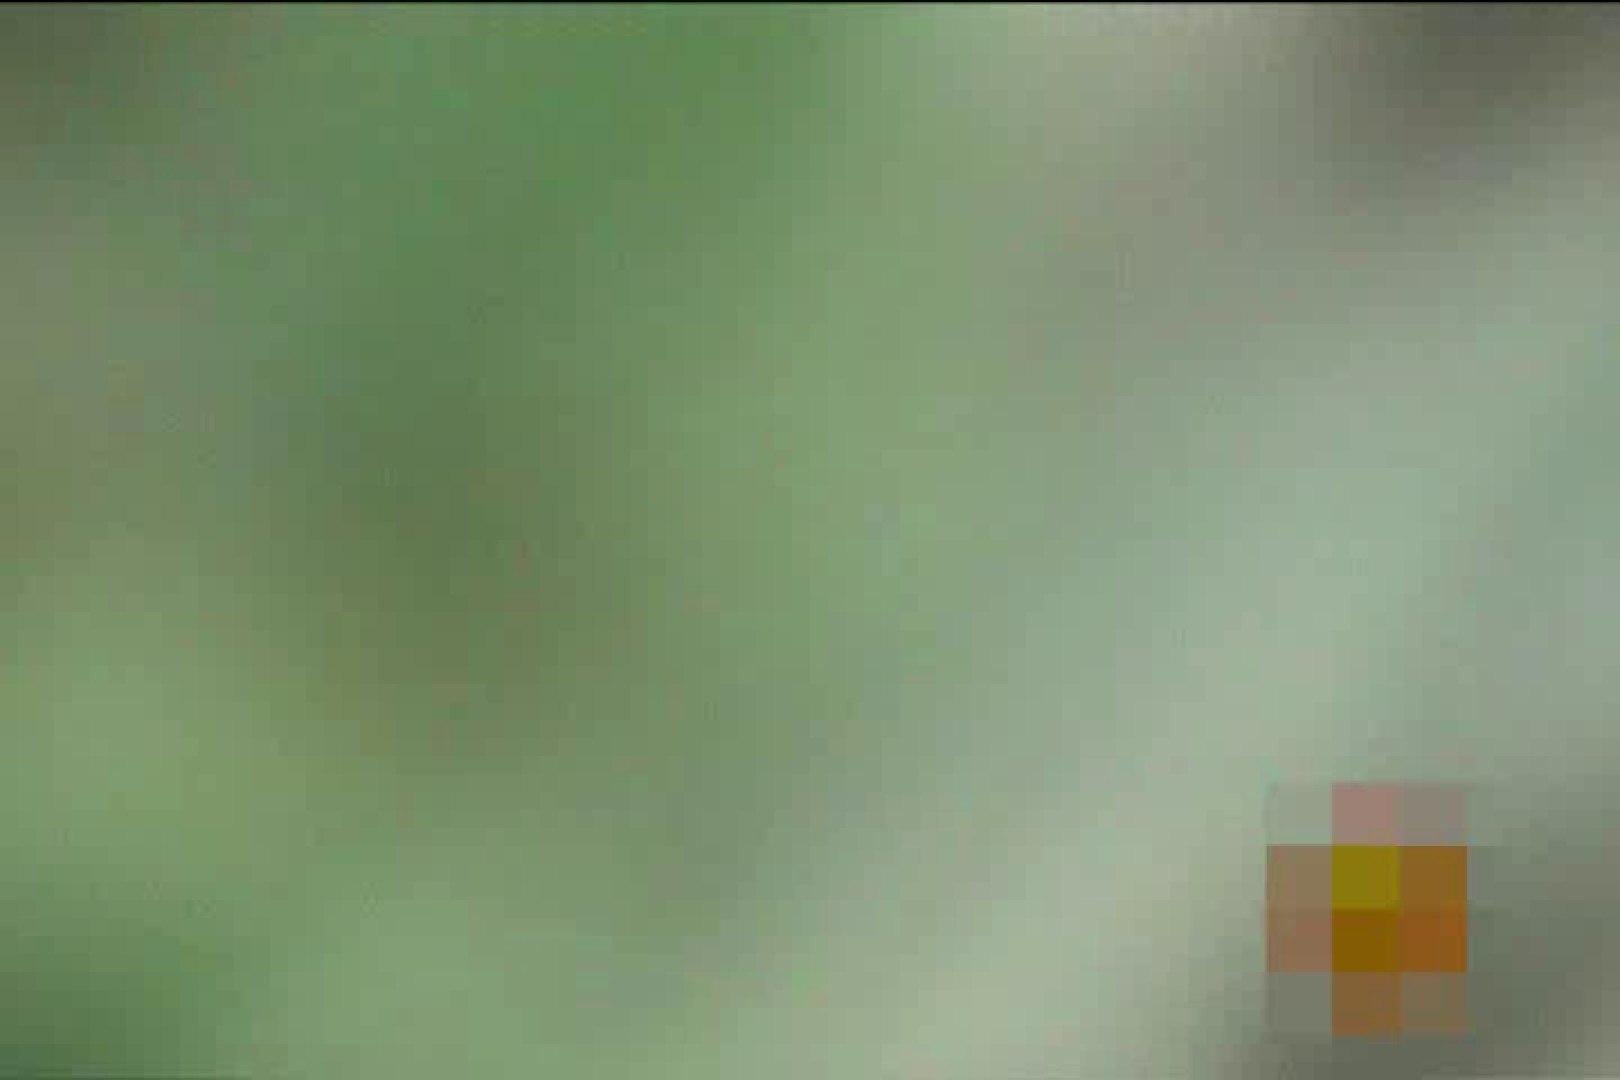 検証!隠し撮りスカートめくり!!Vol.3 素人丸裸  74pic 30